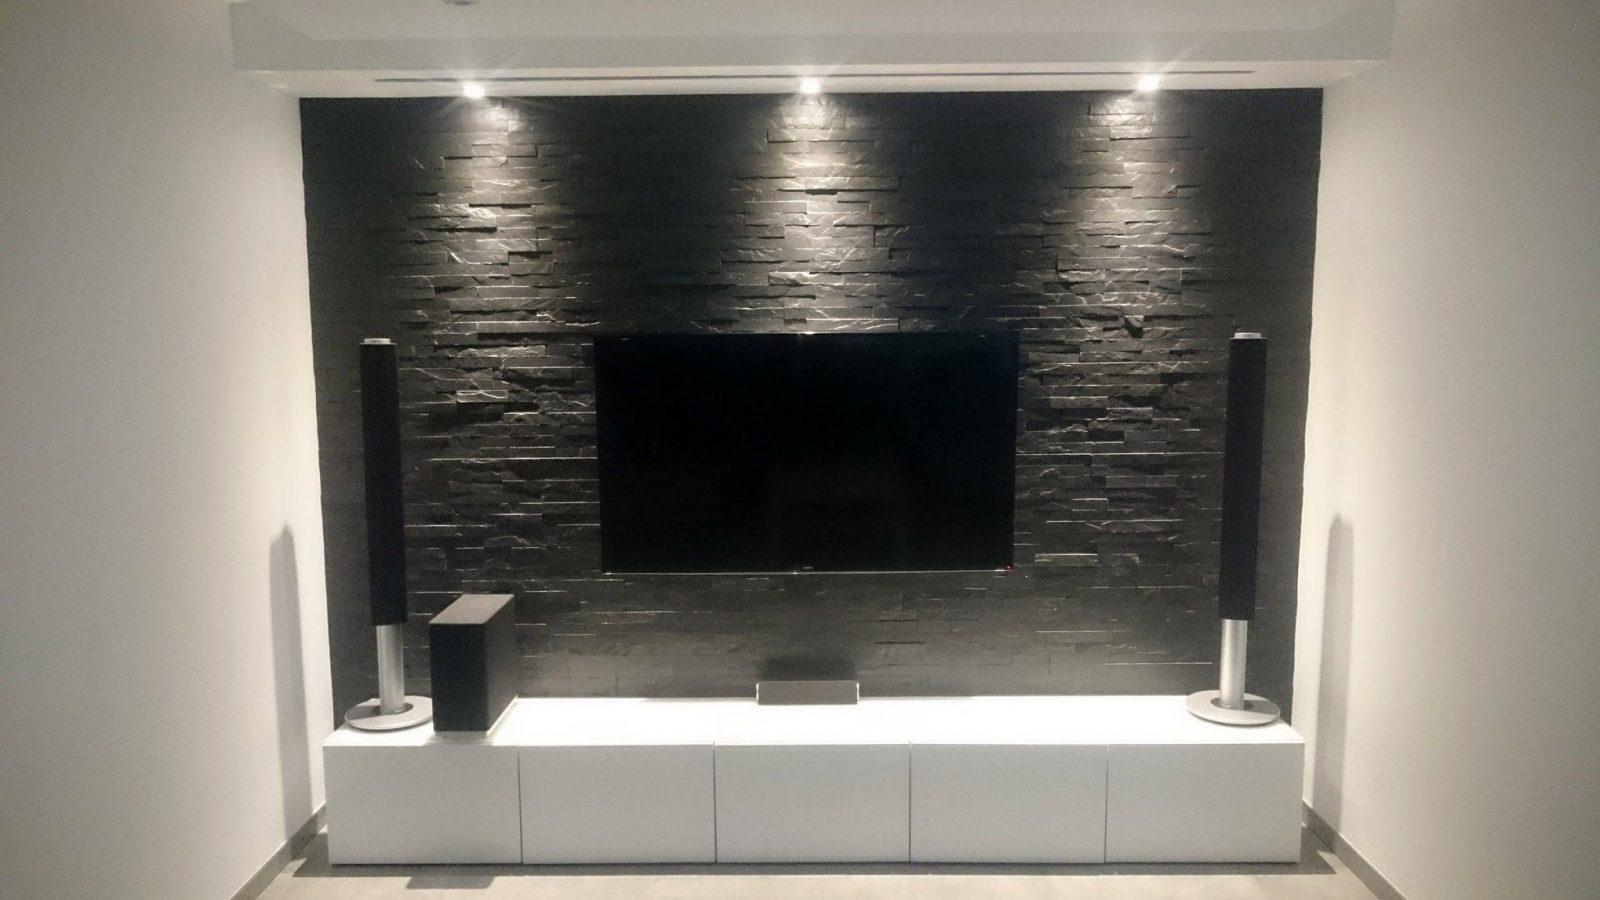 Multimedia Wohnzimmer Mit Naturstein Verblender Selber Bauen von Tv Wand Selber Bauen Rigips Photo